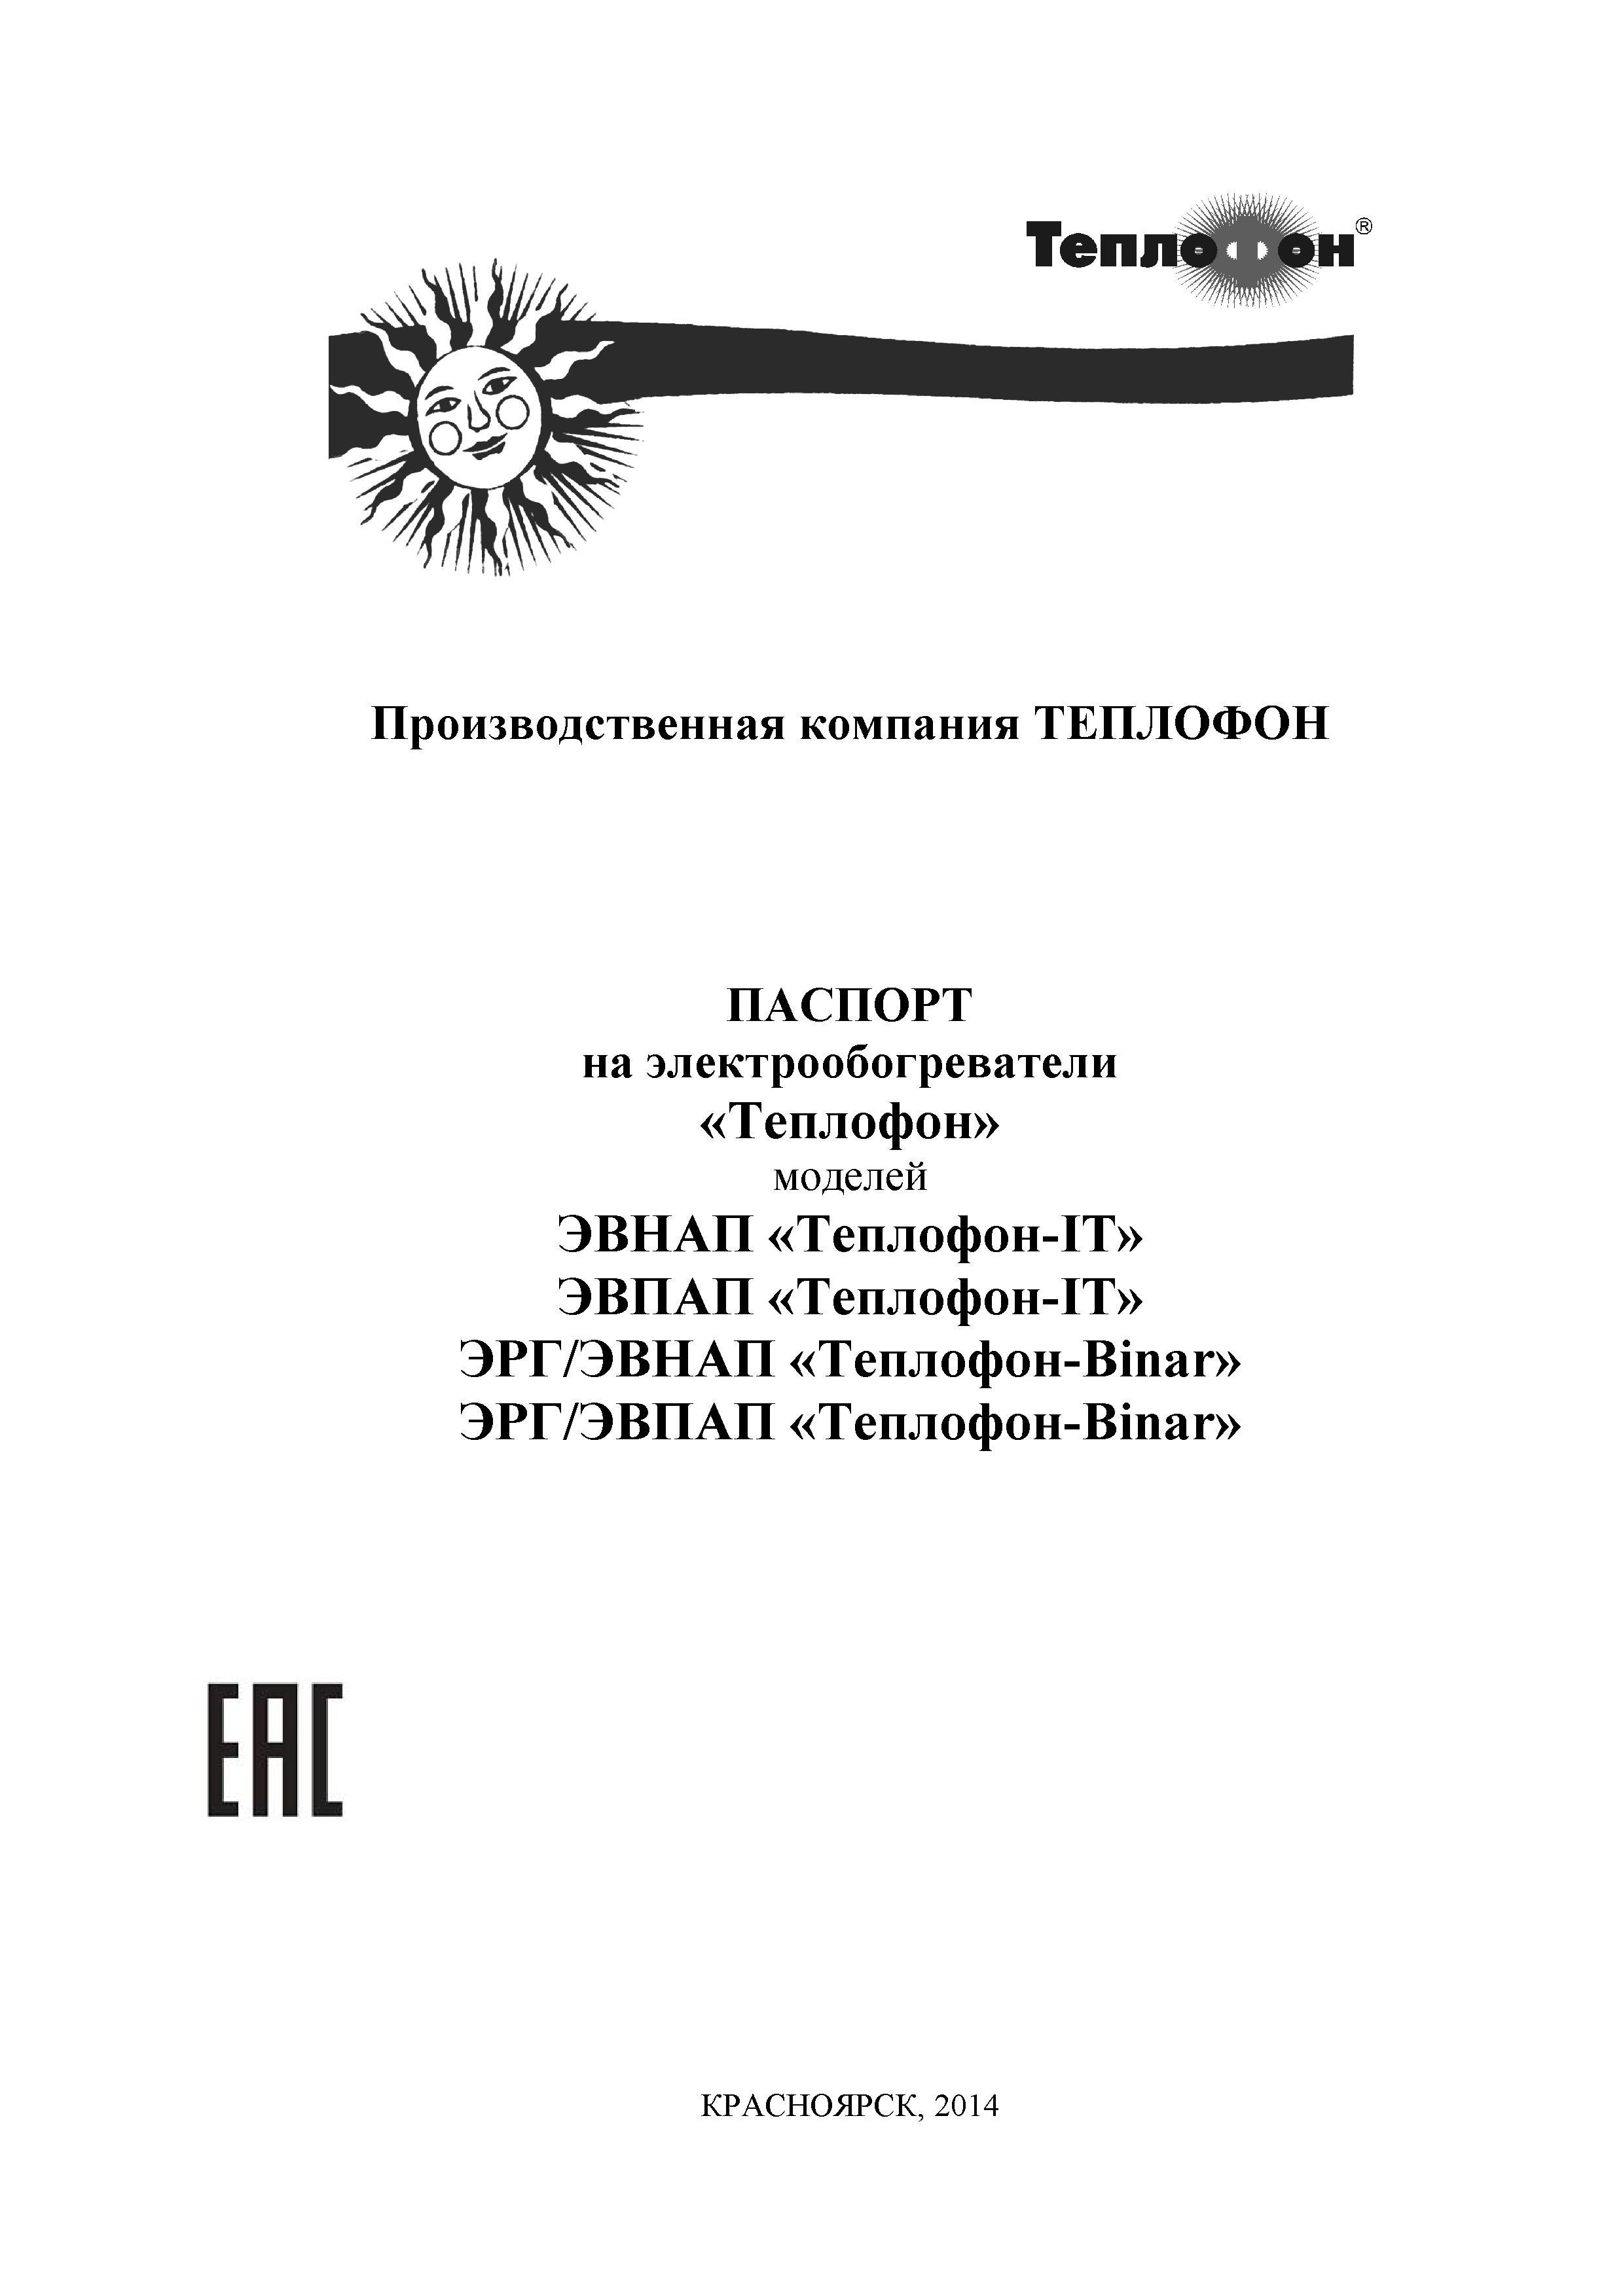 Инструкция на конвективно-инфракрасные обогреватели Теплофон Binar